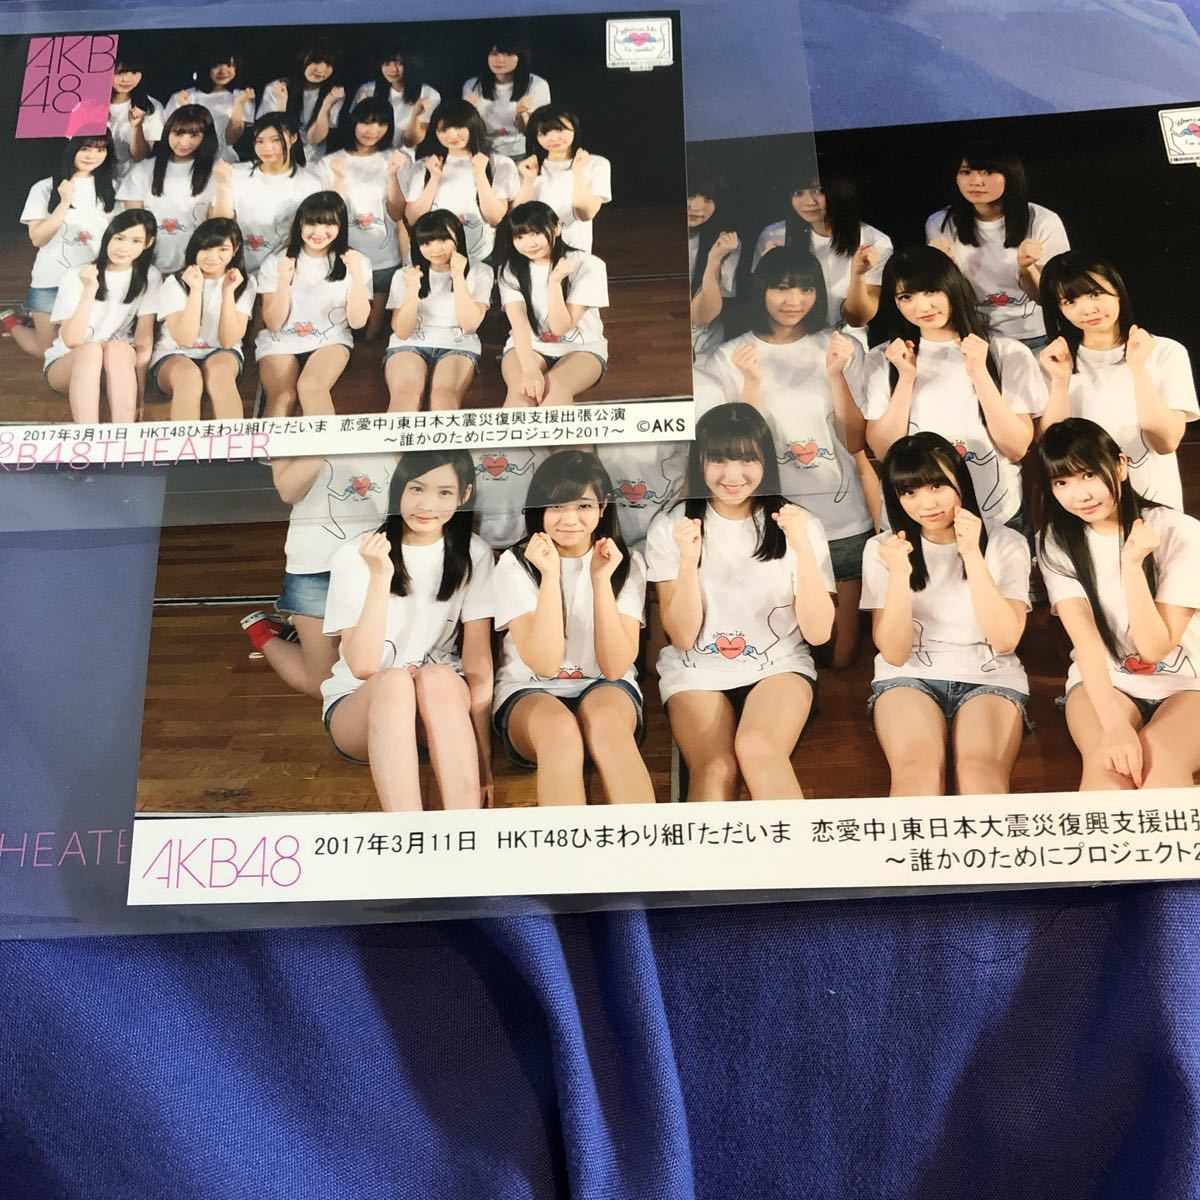 HKT48 ひまわり組 「ただいま恋愛中」東日本大震災復興支援公演 集合写真Lサイズ/2Lサイズ 計2枚セット 2017年3月11日 AKB48 劇場出張公演